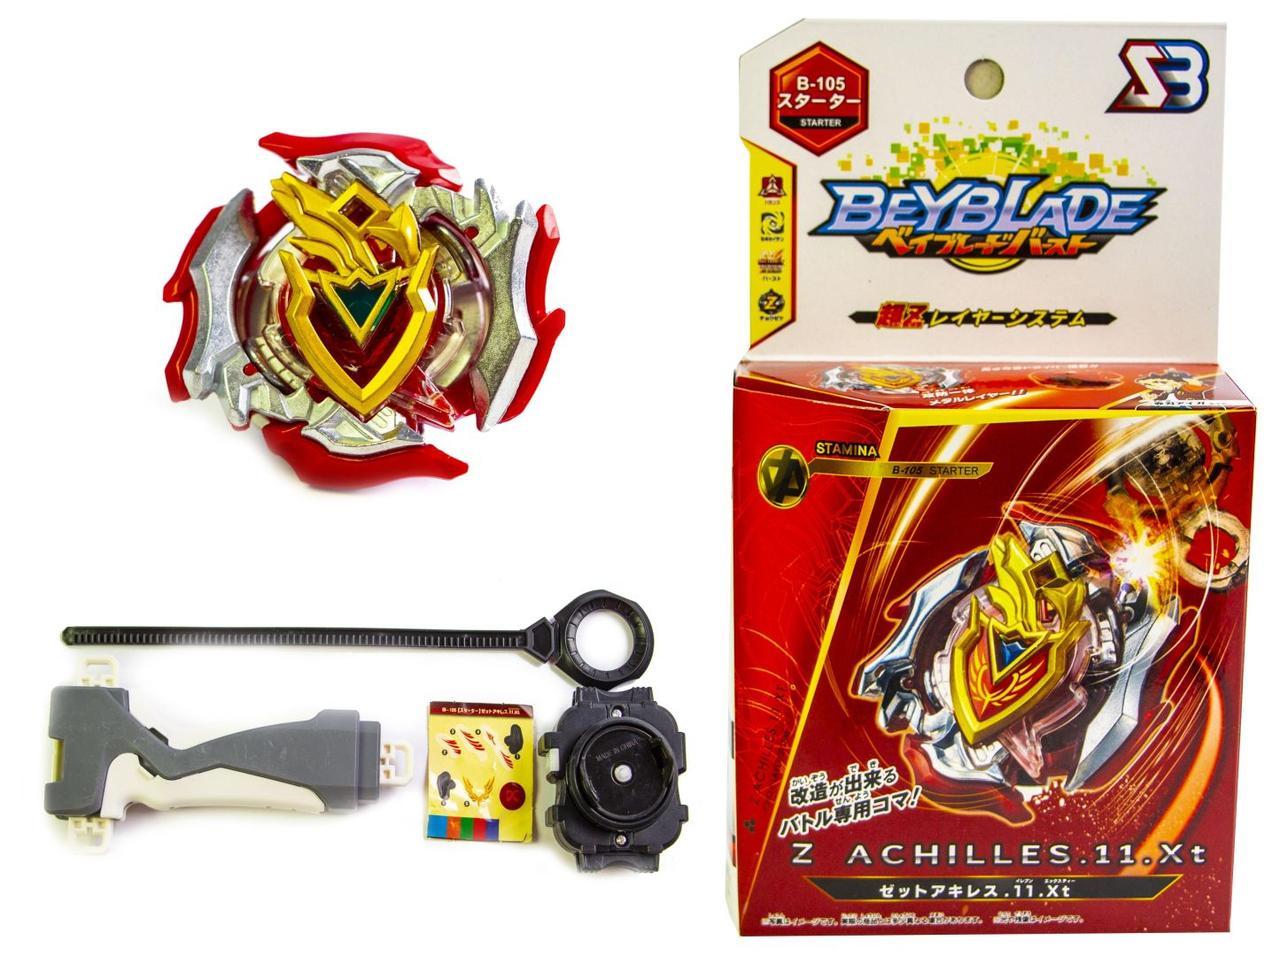 Beyblade (Бейблейд) Z Achilles B-105